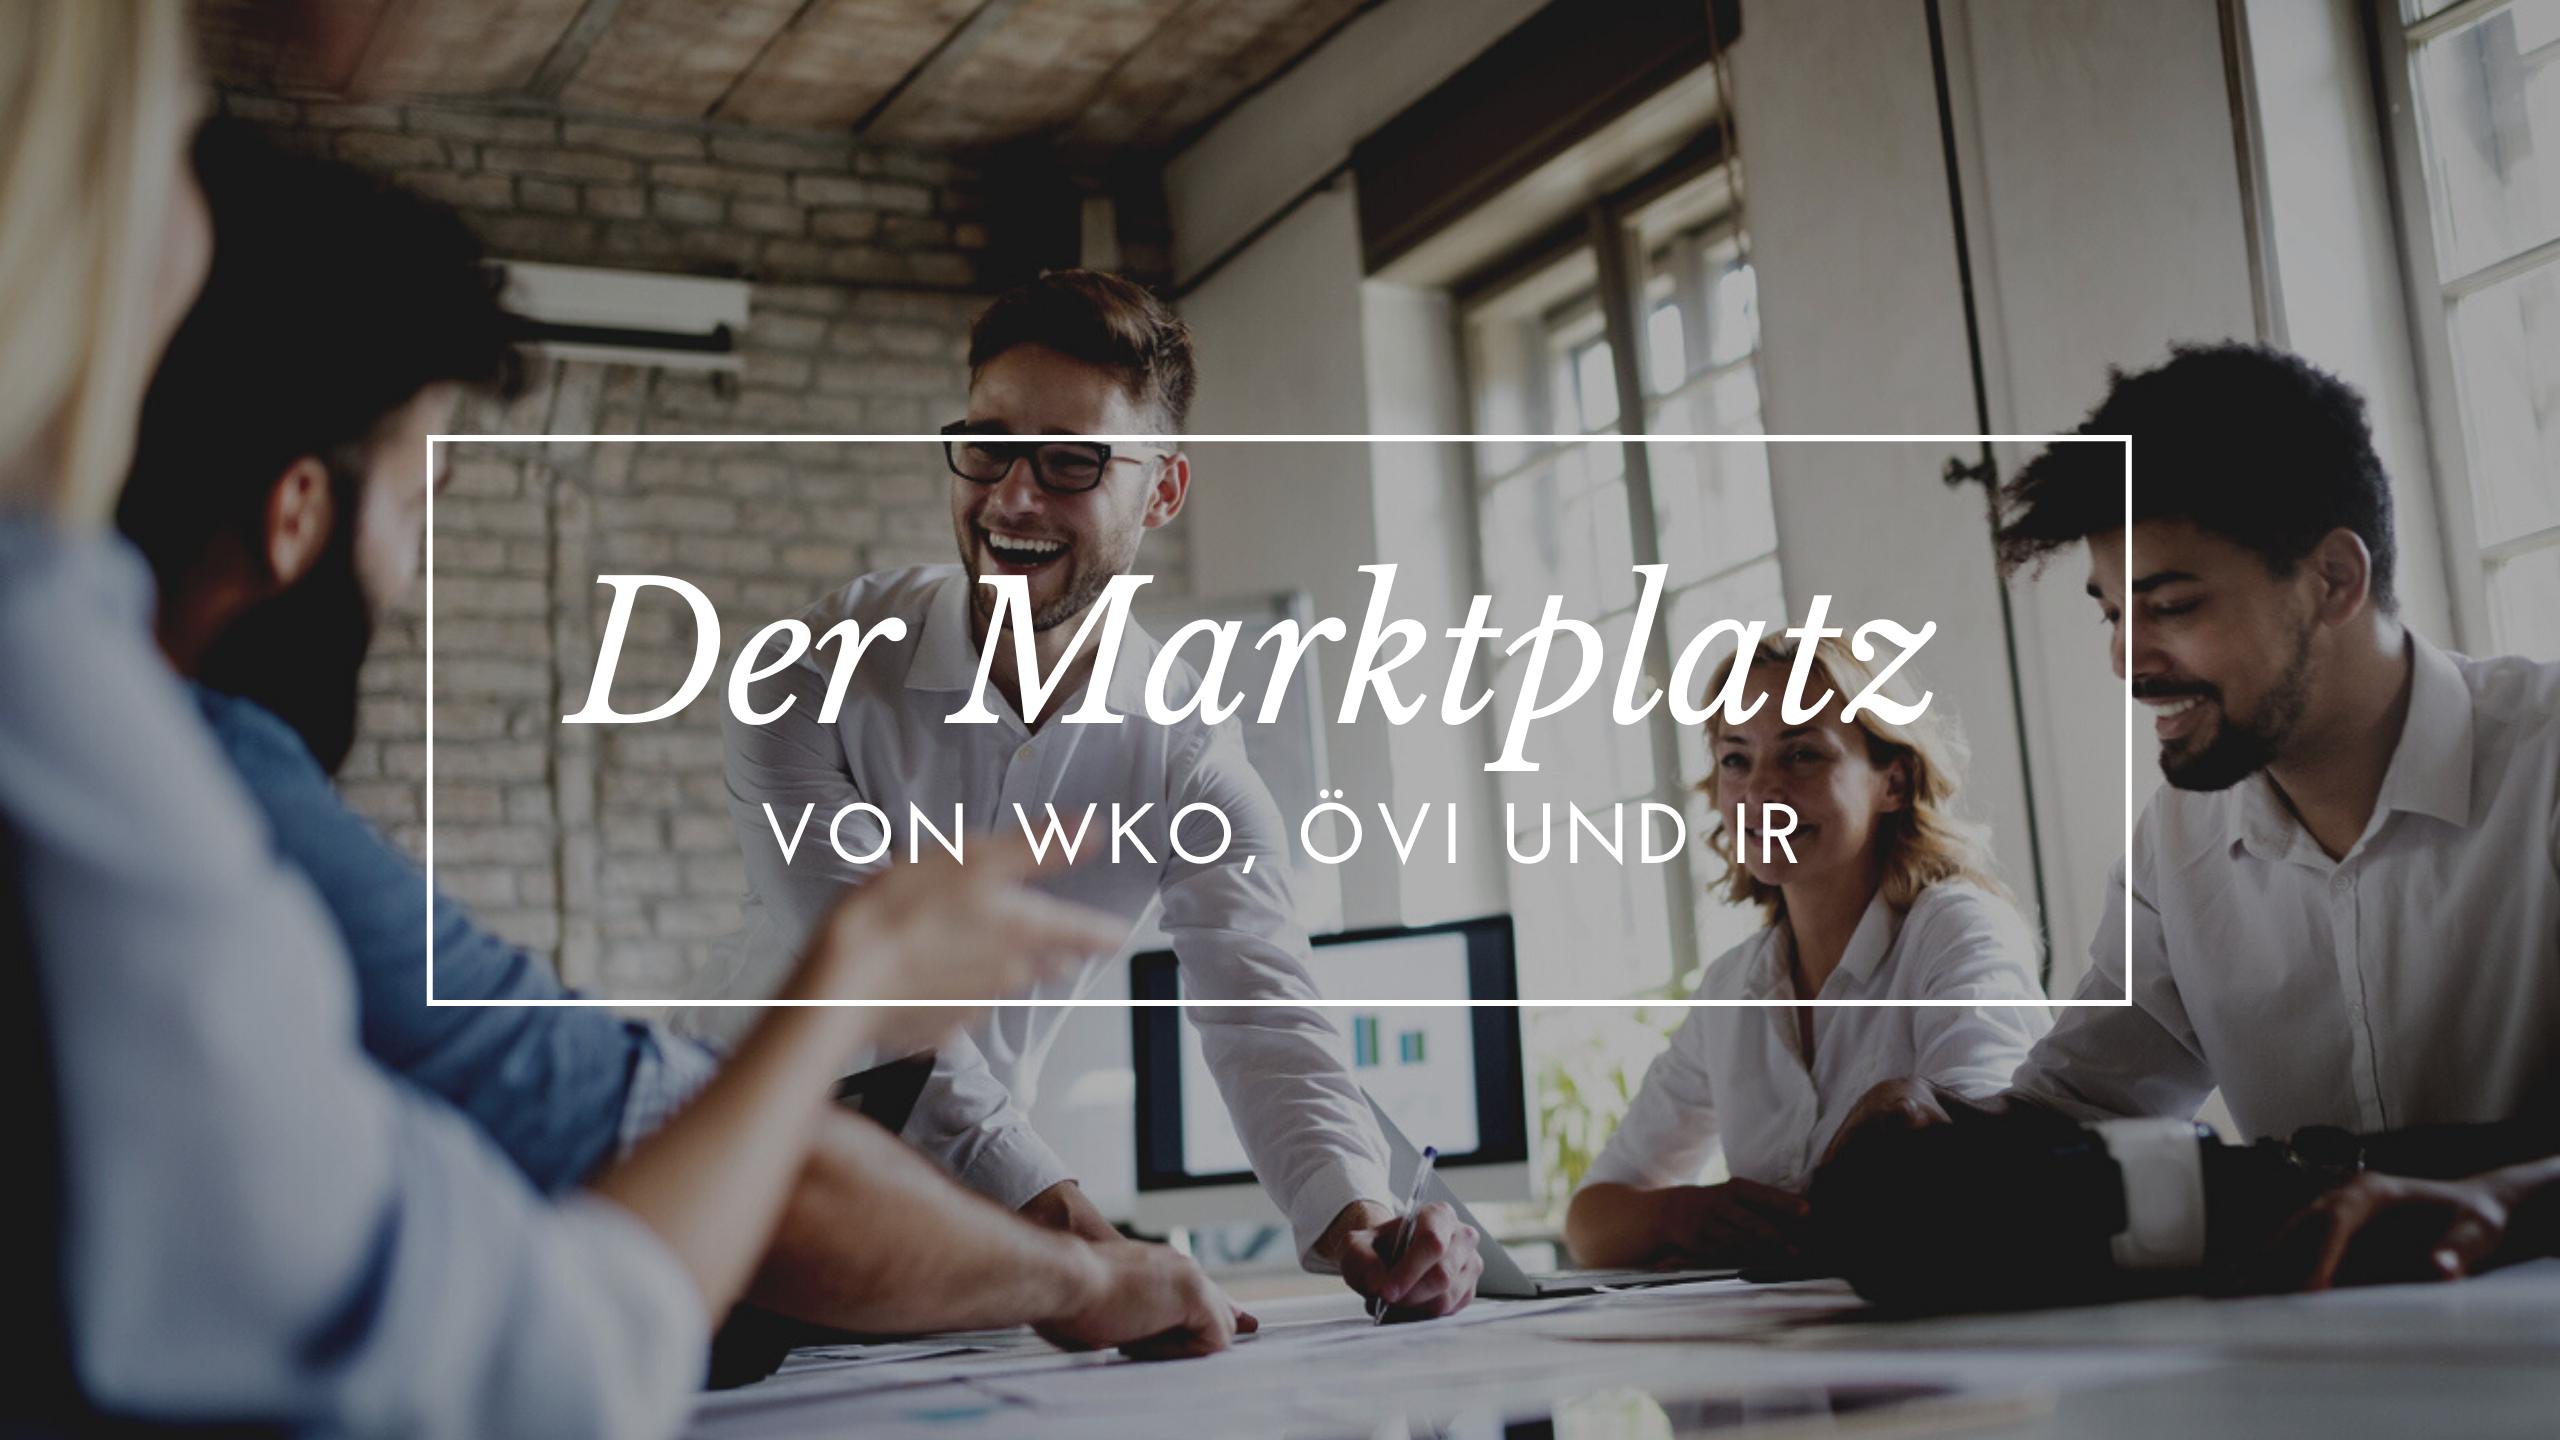 Der Marktplatz von WKO, ÖVI und Immobilienring